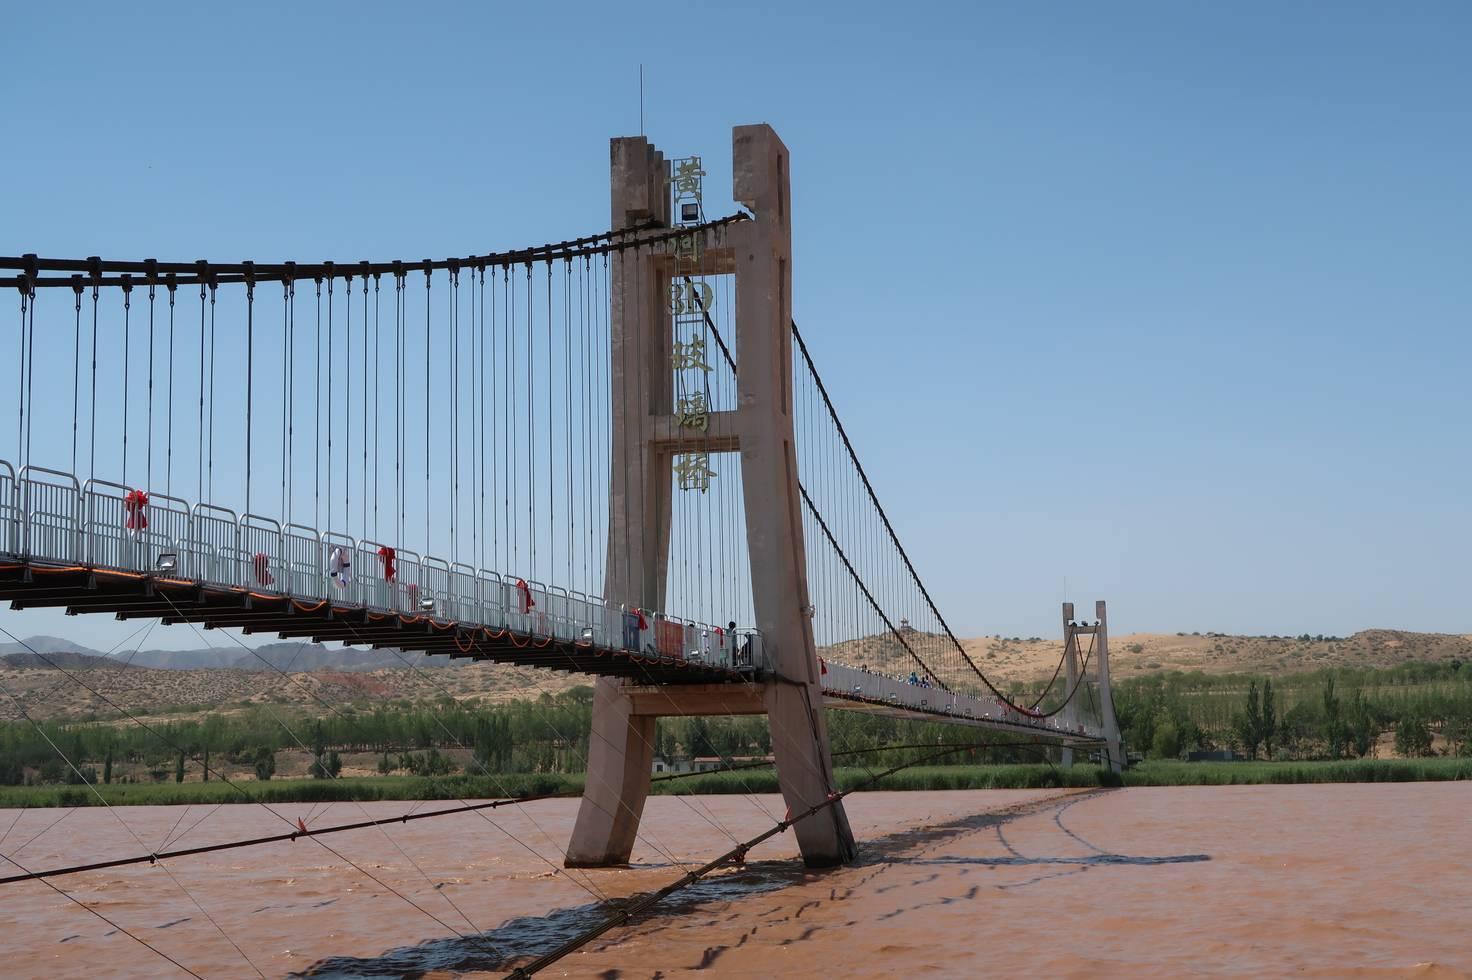 沙蹦极_【攻略】3d玻璃桥,蹦极,高空跳伞,银川周边也能感受极限运动!